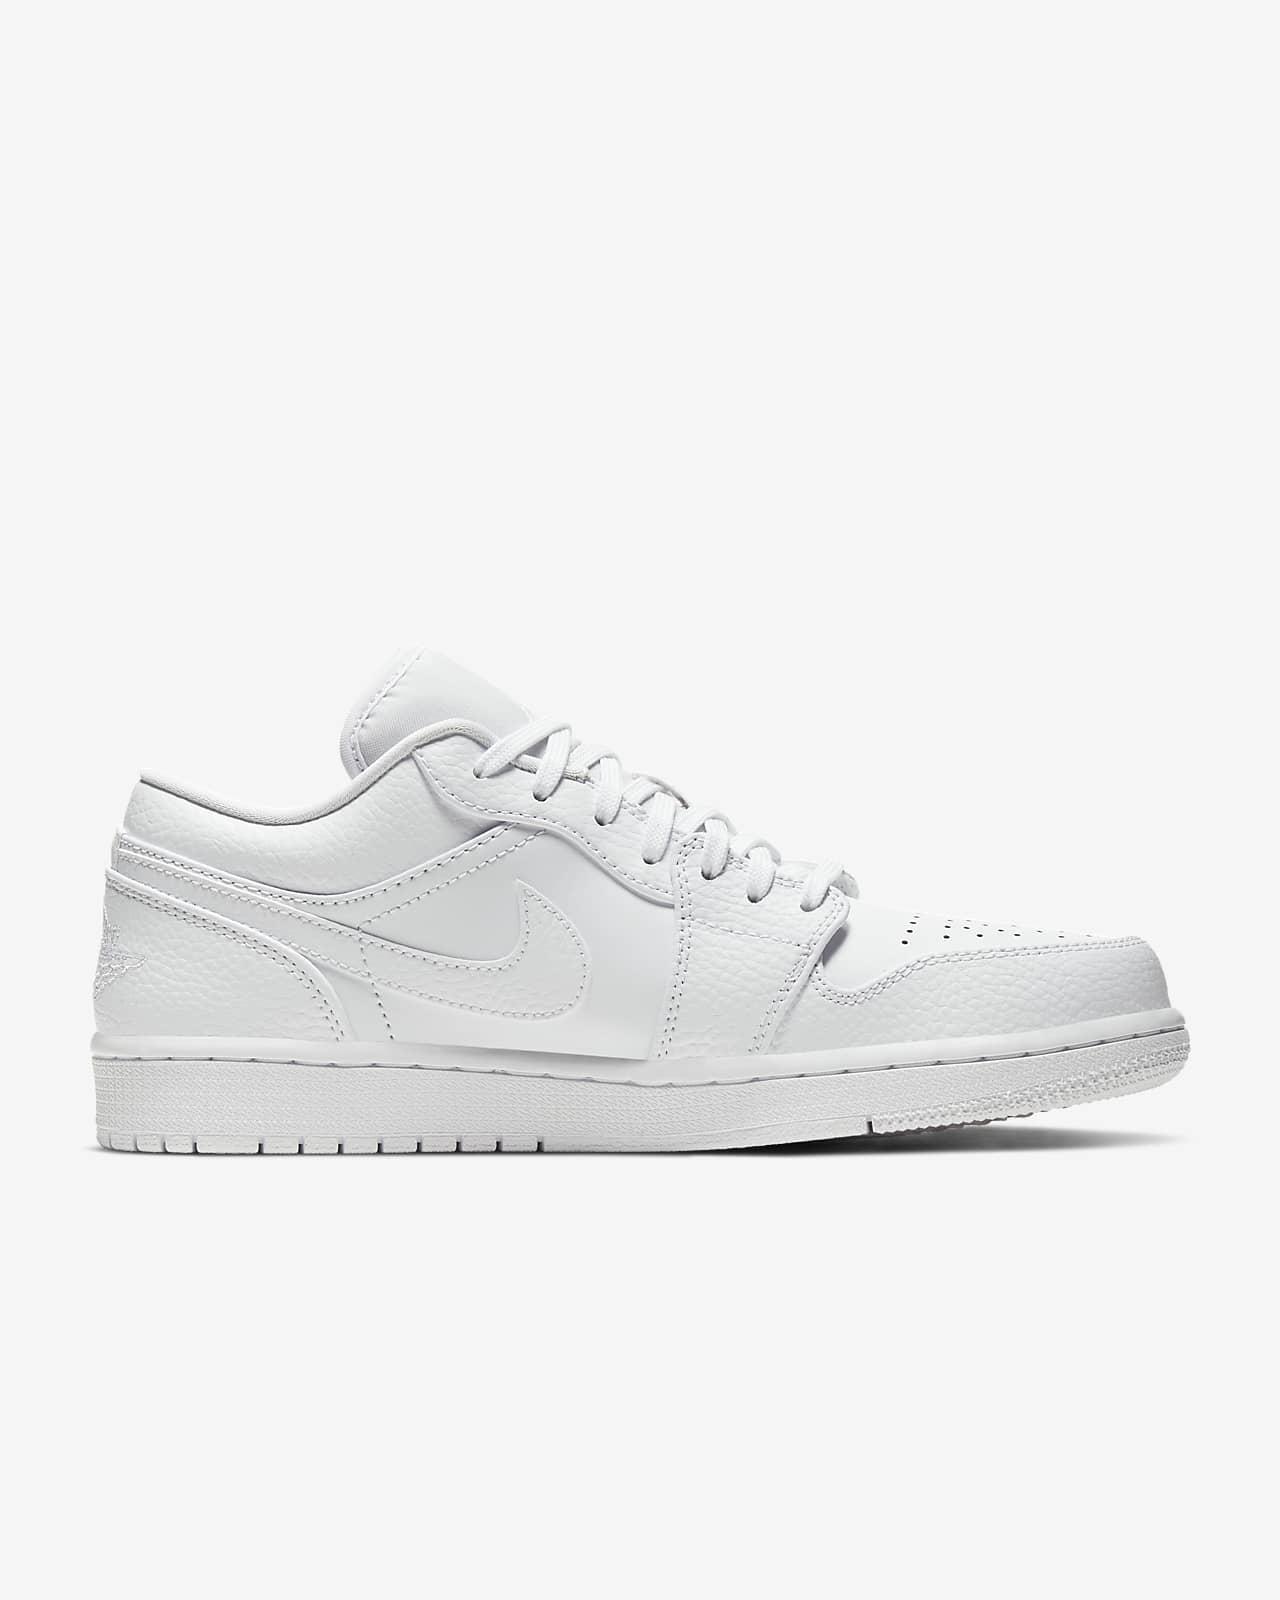 Air Jordan 1 Low Shoe. Nike JP